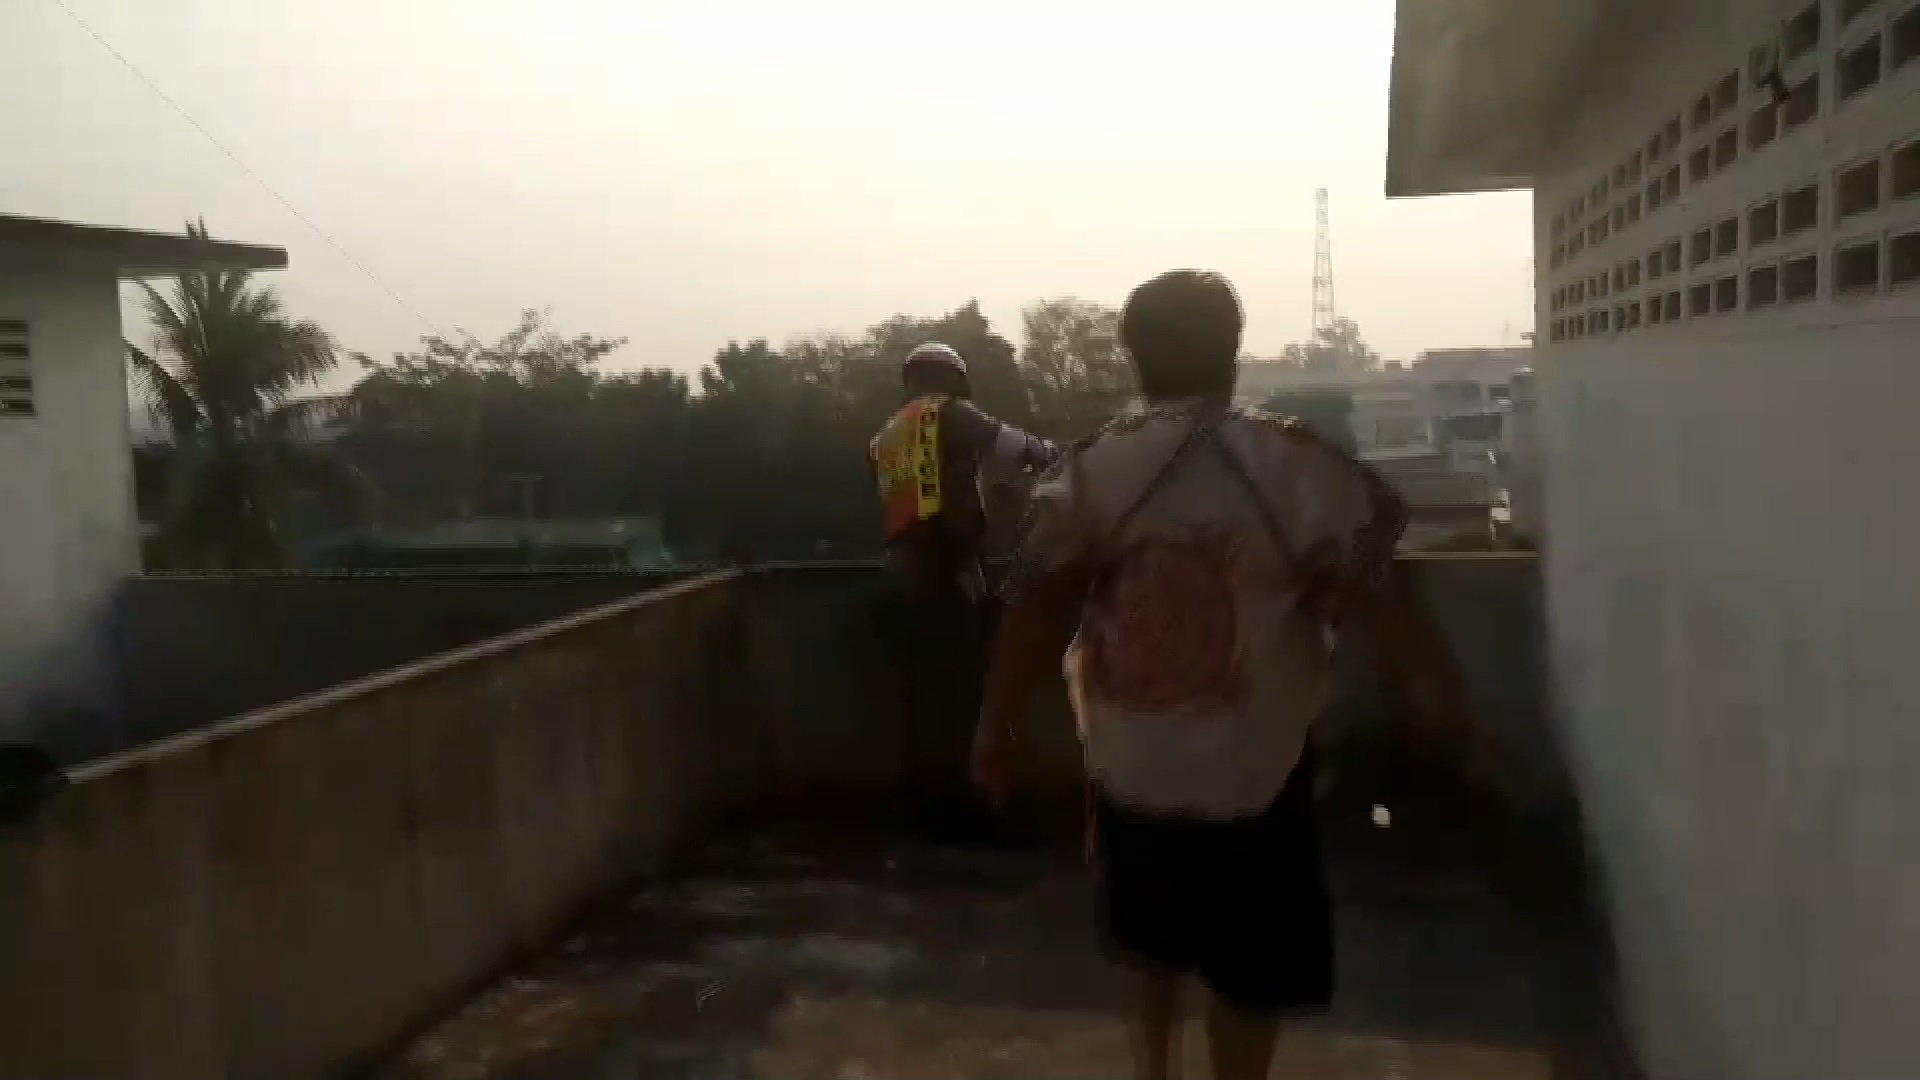 นักเรียนหญิง ม.1 น้อยใจย่าดุ ดิ่งตึก 4 ชั้นฆ่าตัวตาย | News by The Thaiger